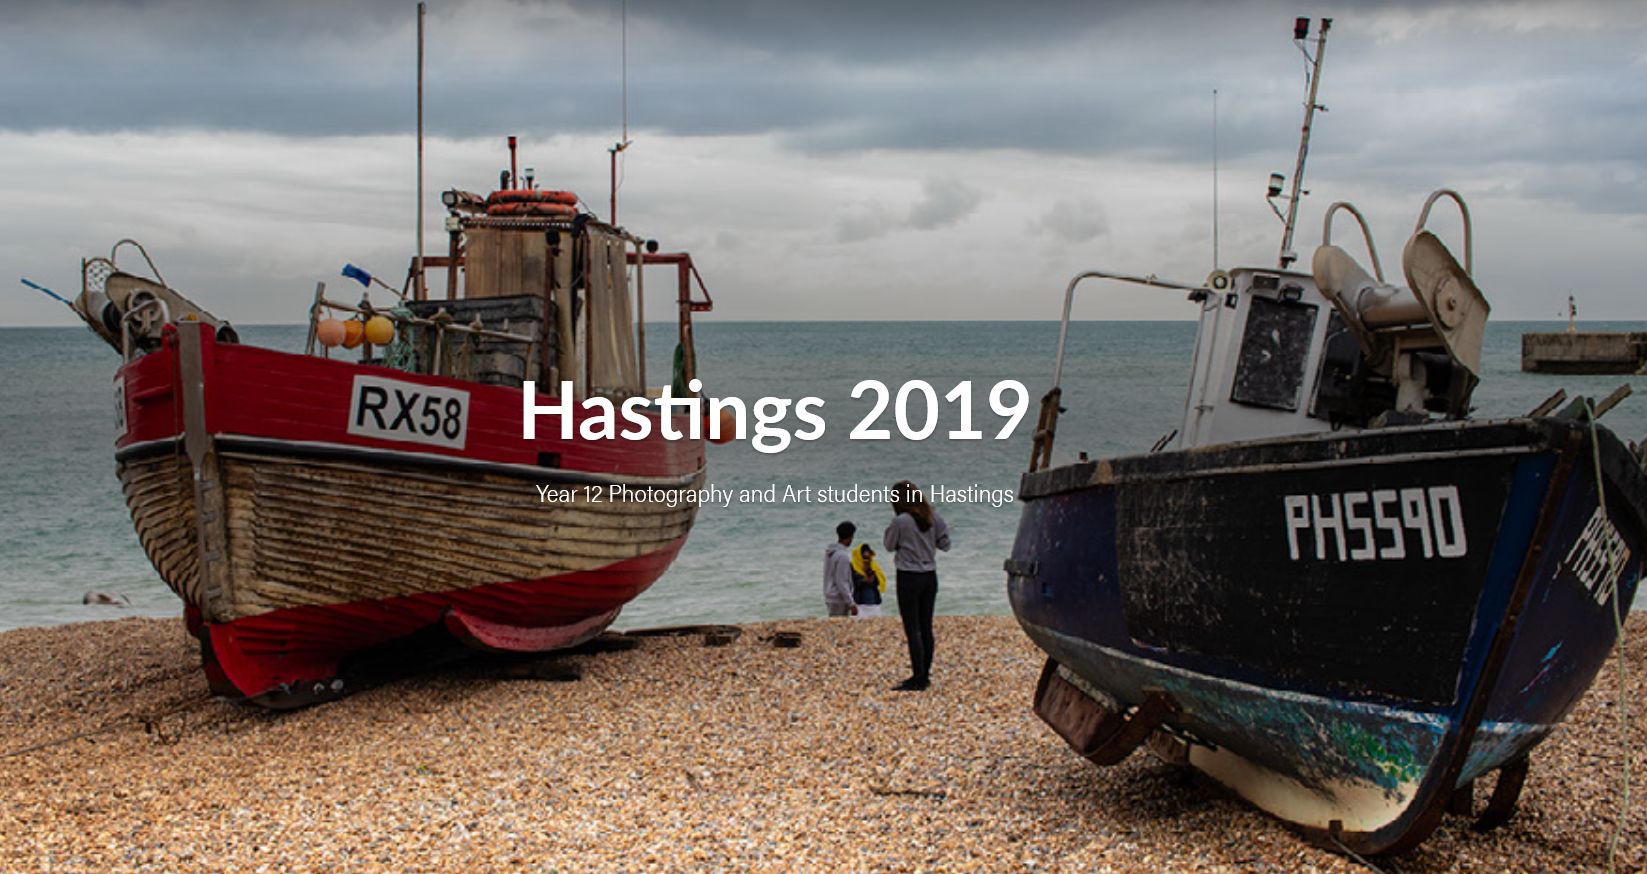 Hastings 2019